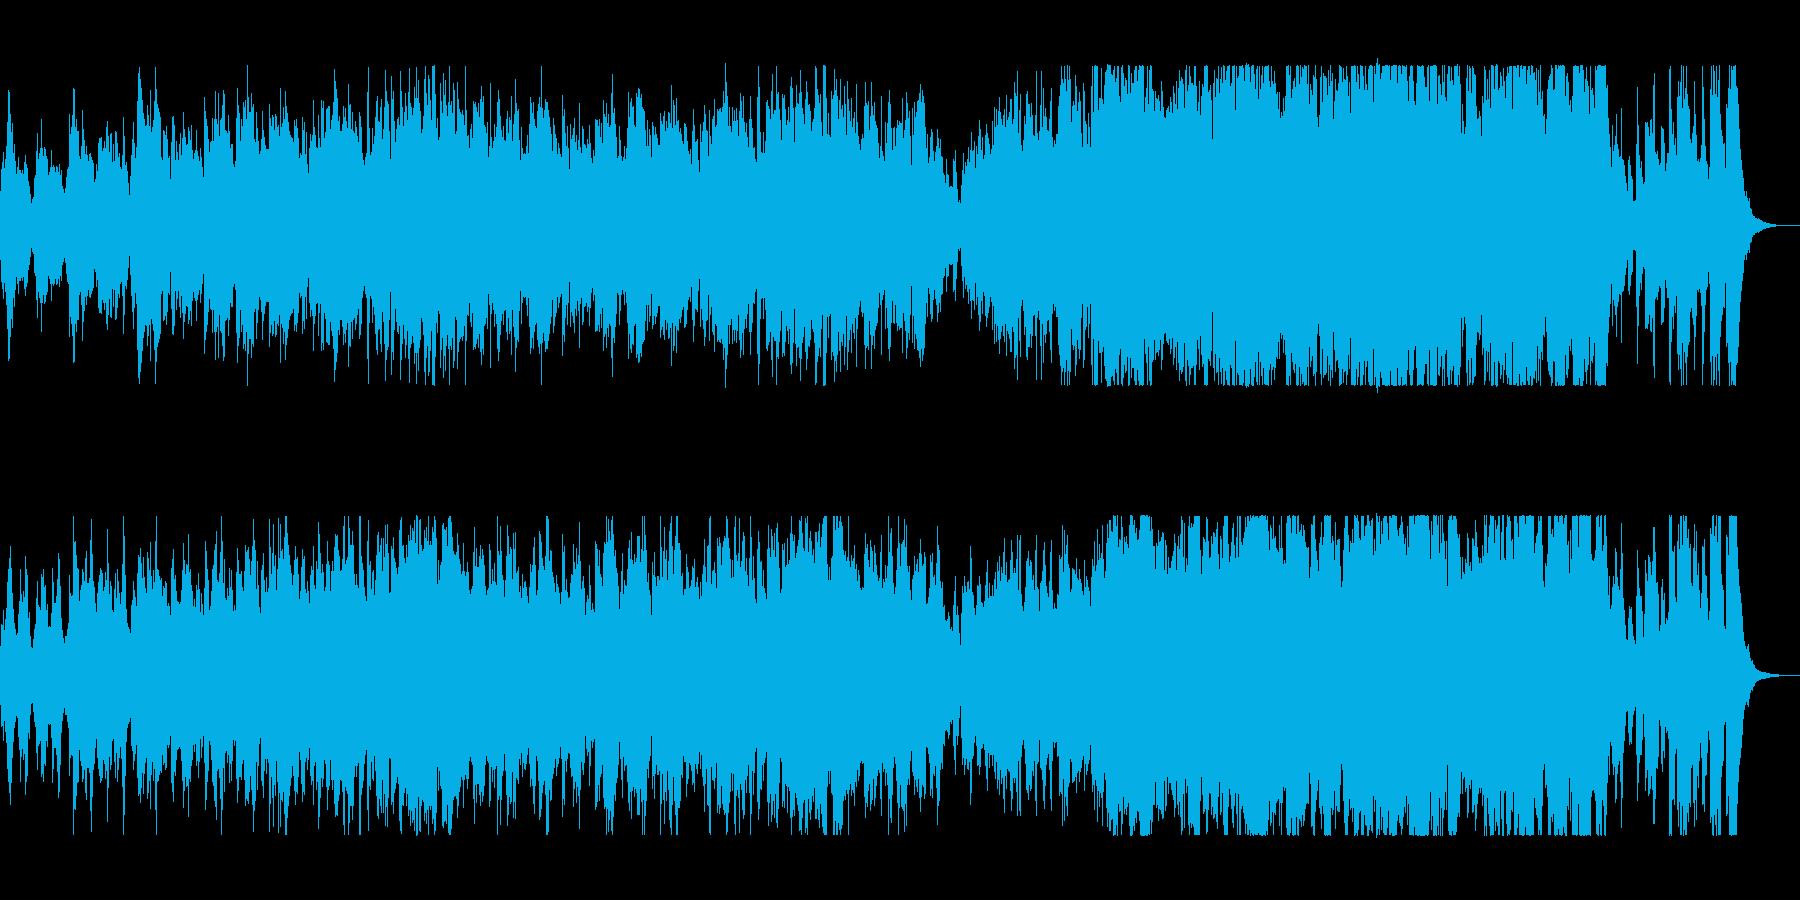 ミディアムテンポで重厚な交響曲の再生済みの波形